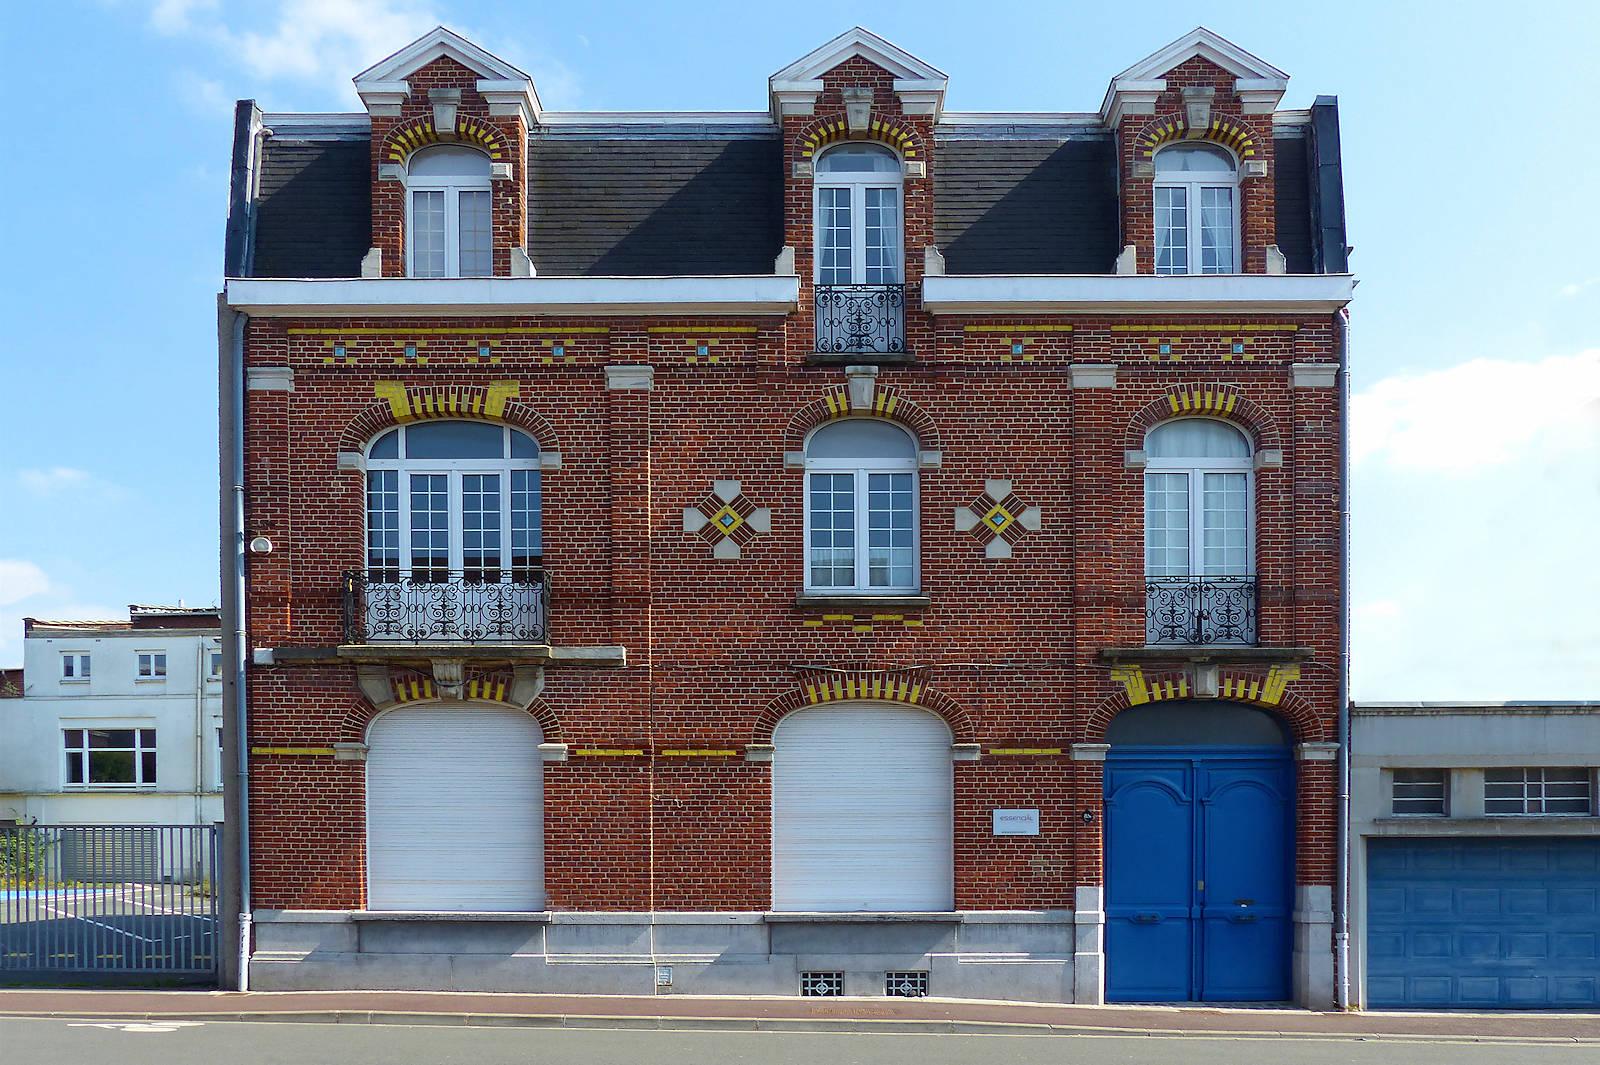 Maison de la rue des Ursulines à Tourcoing